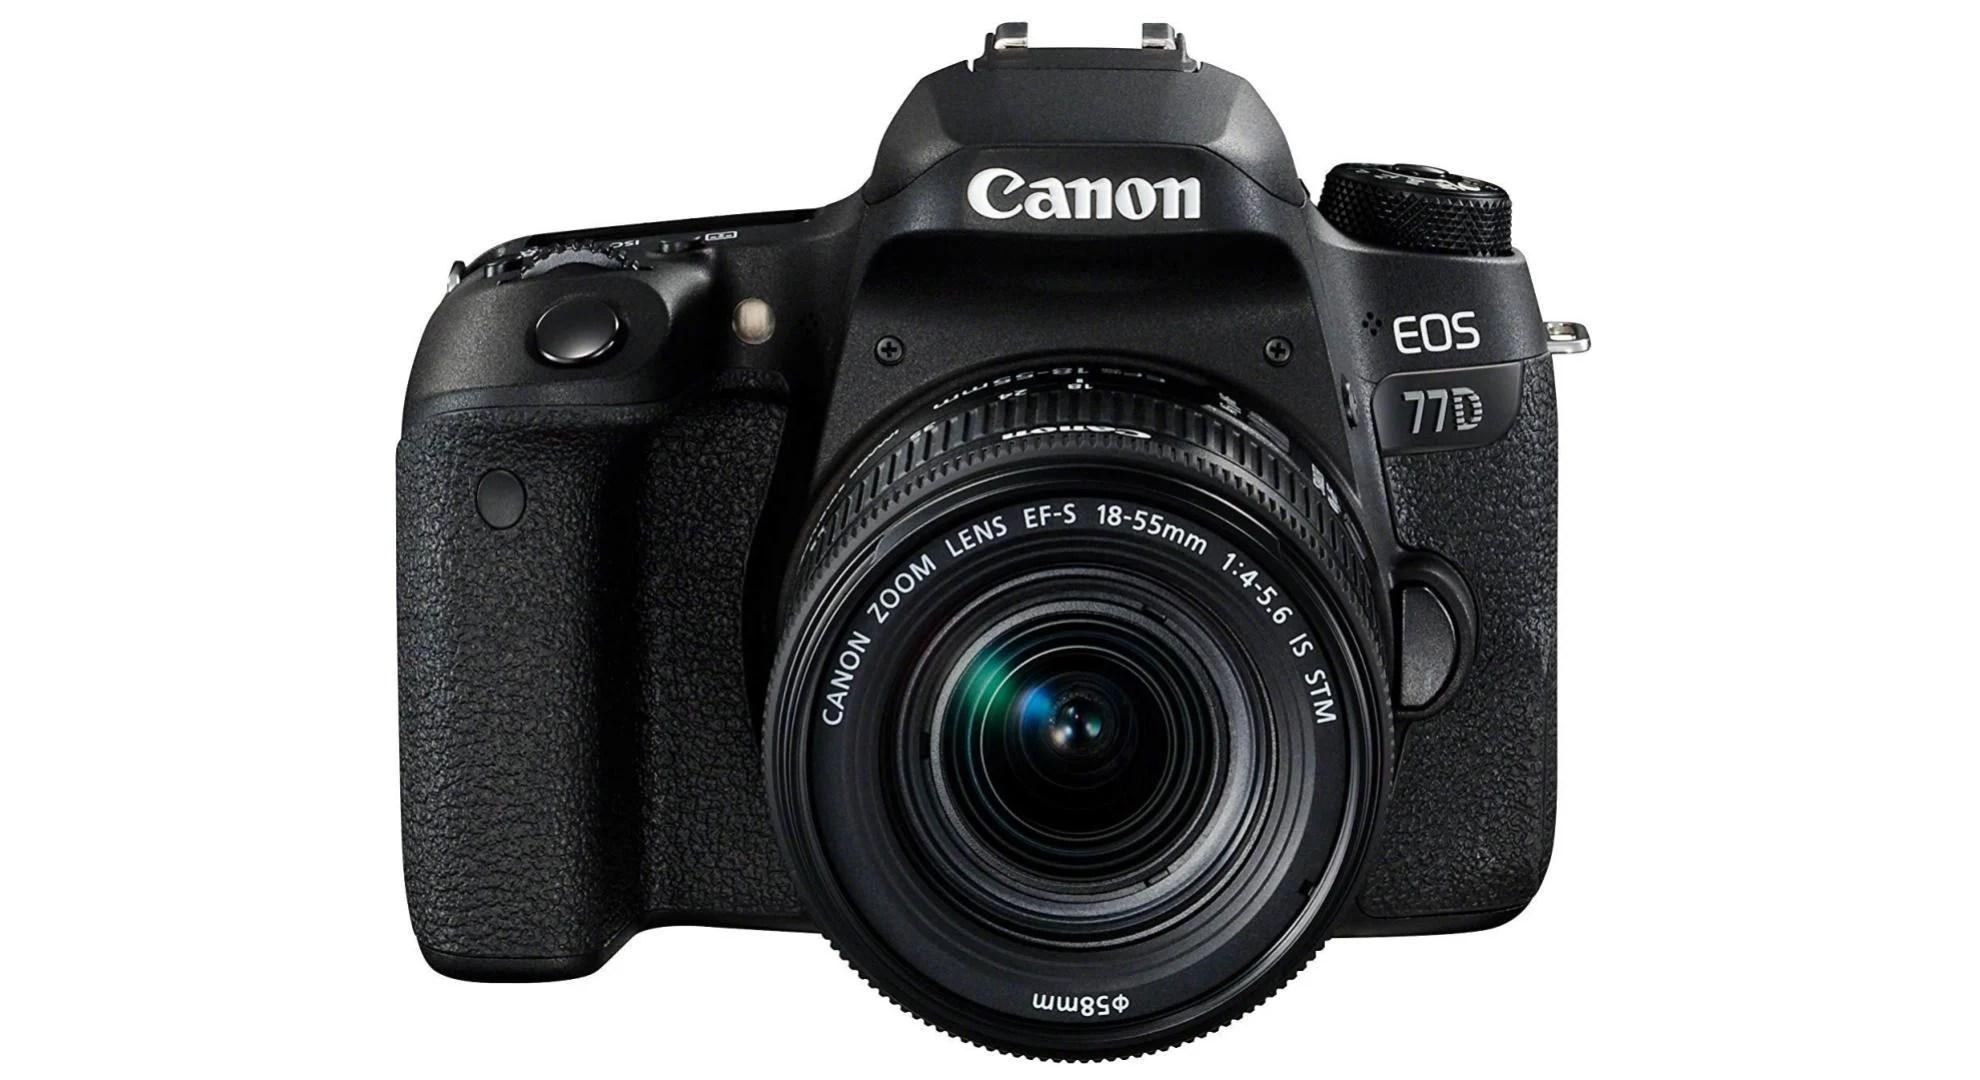 🔥 Prime Day 2019 : Canon EOS 77D à 529 euros, un reflex pour débuter et plus si affinités